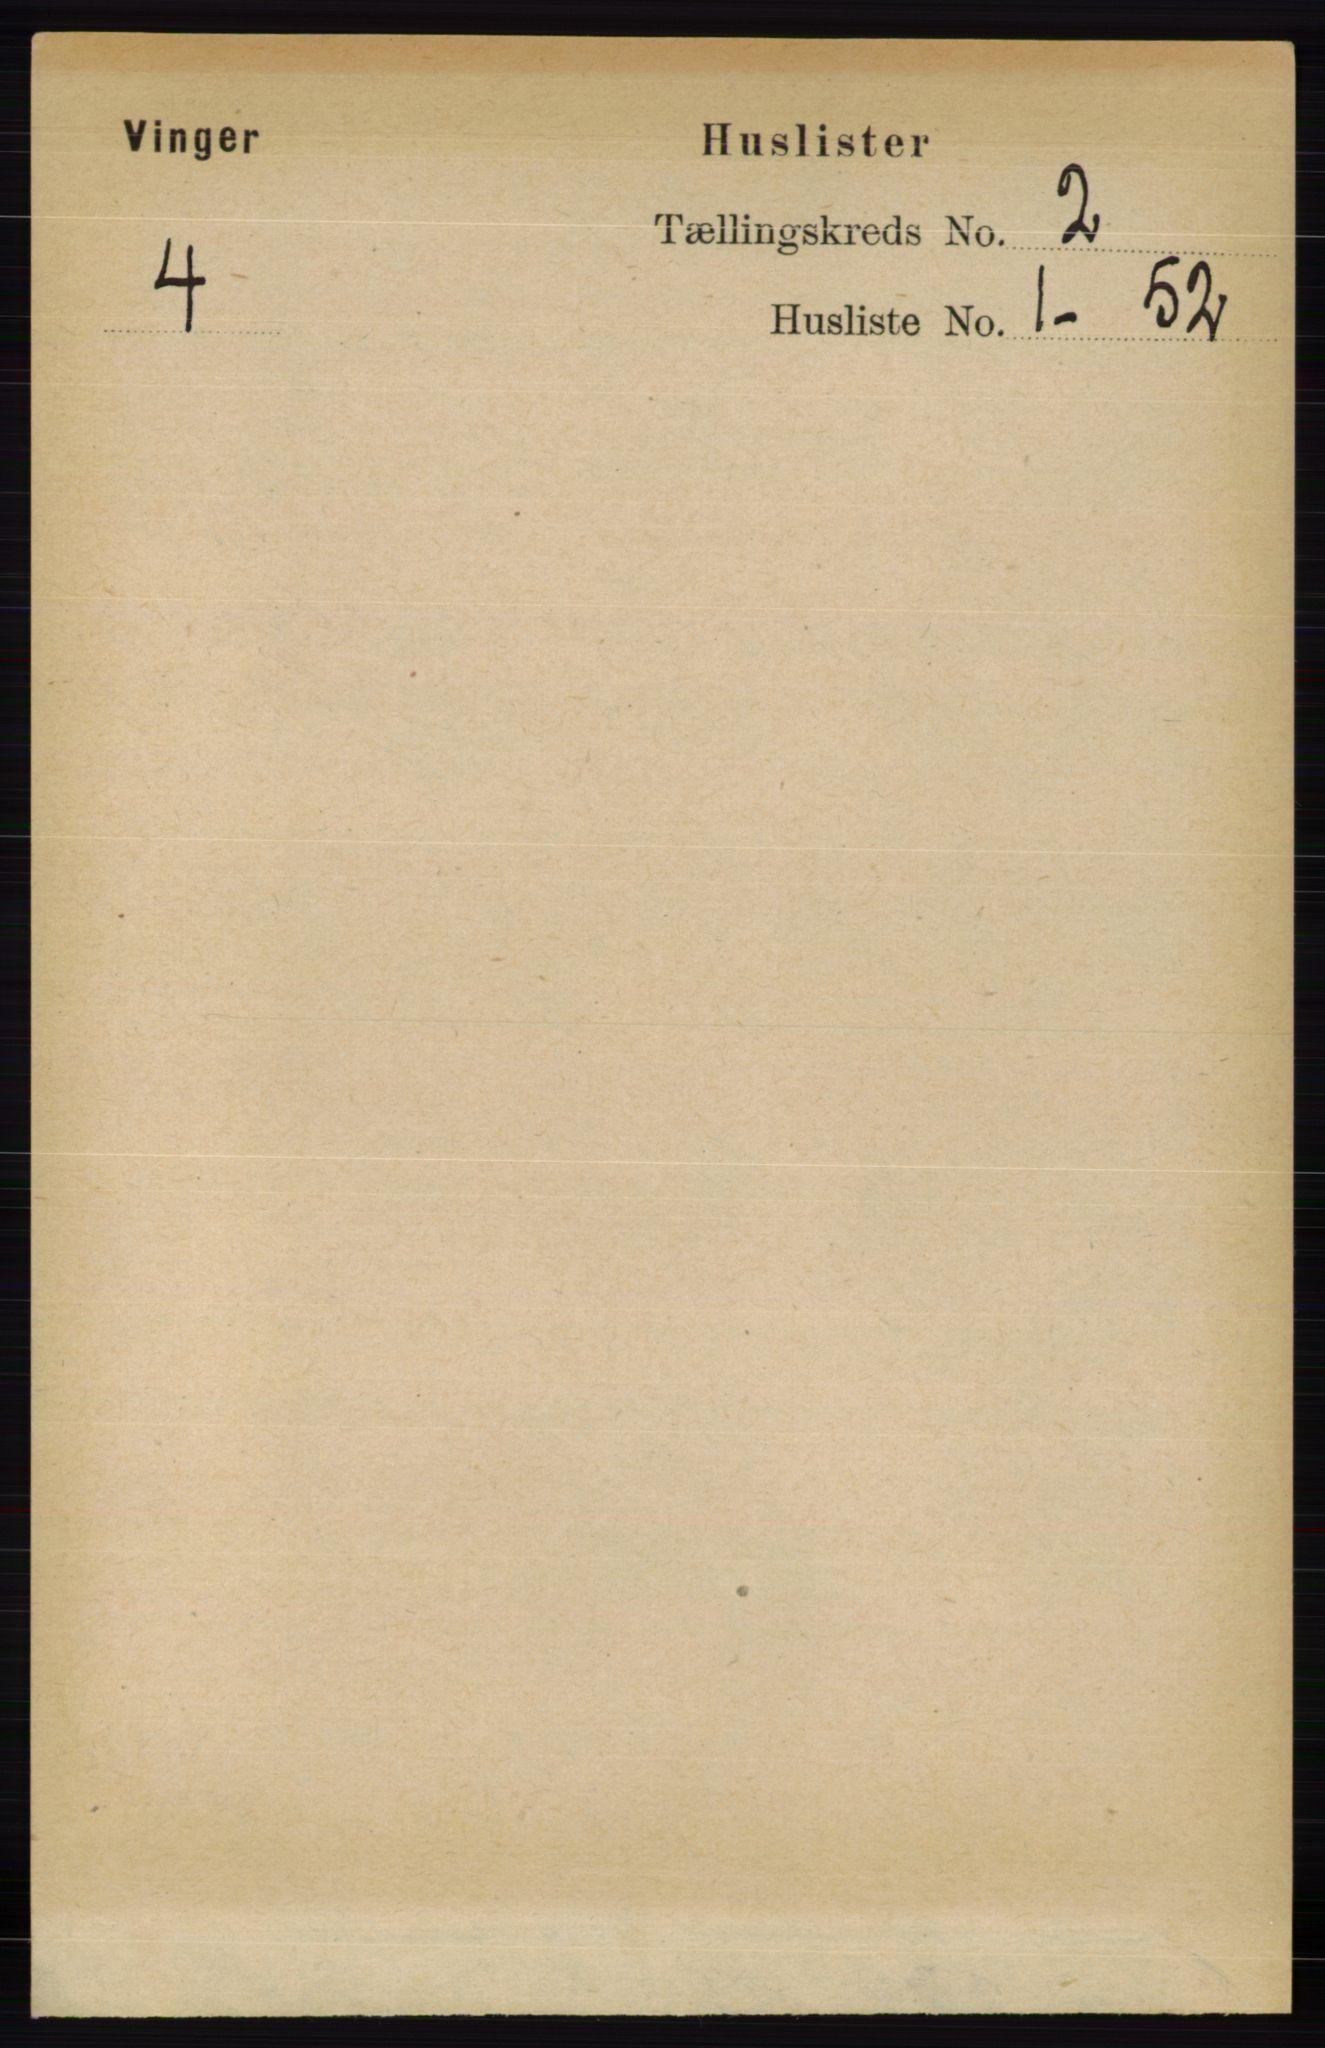 RA, Folketelling 1891 for 0421 Vinger herred, 1891, s. 396